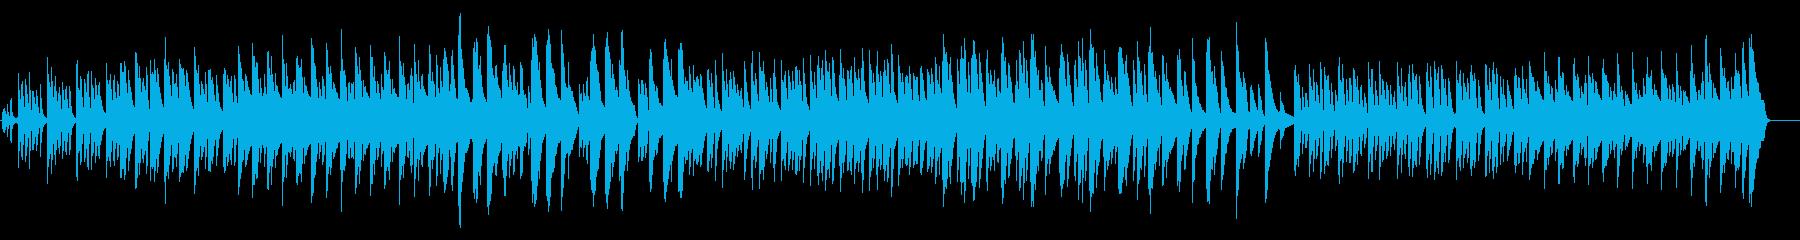 和風のピアノ曲の再生済みの波形